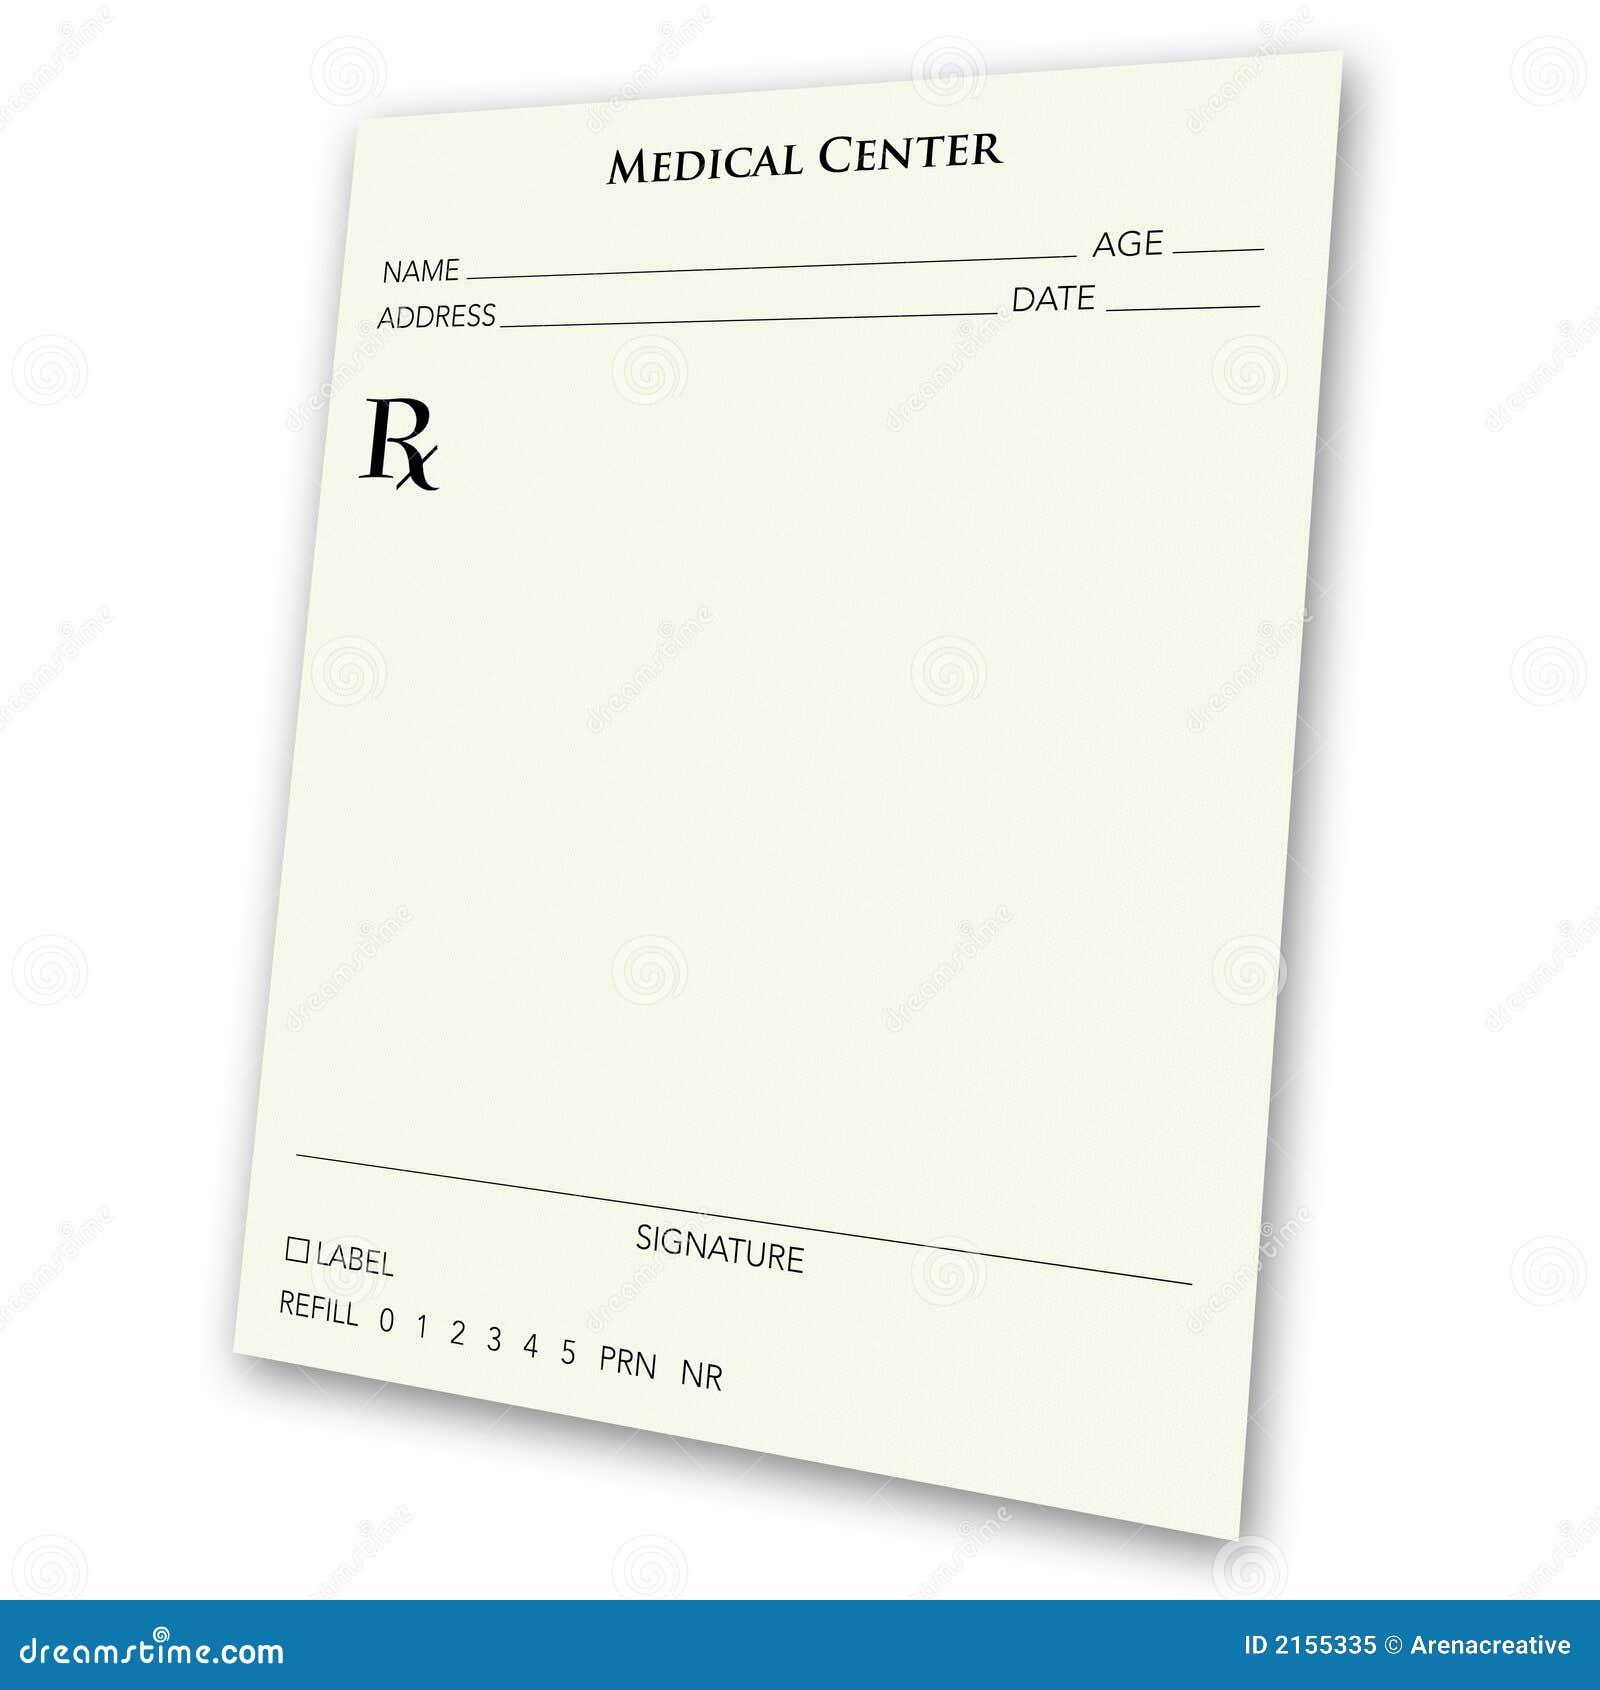 prescription pad template download - the gallery for prescription label template